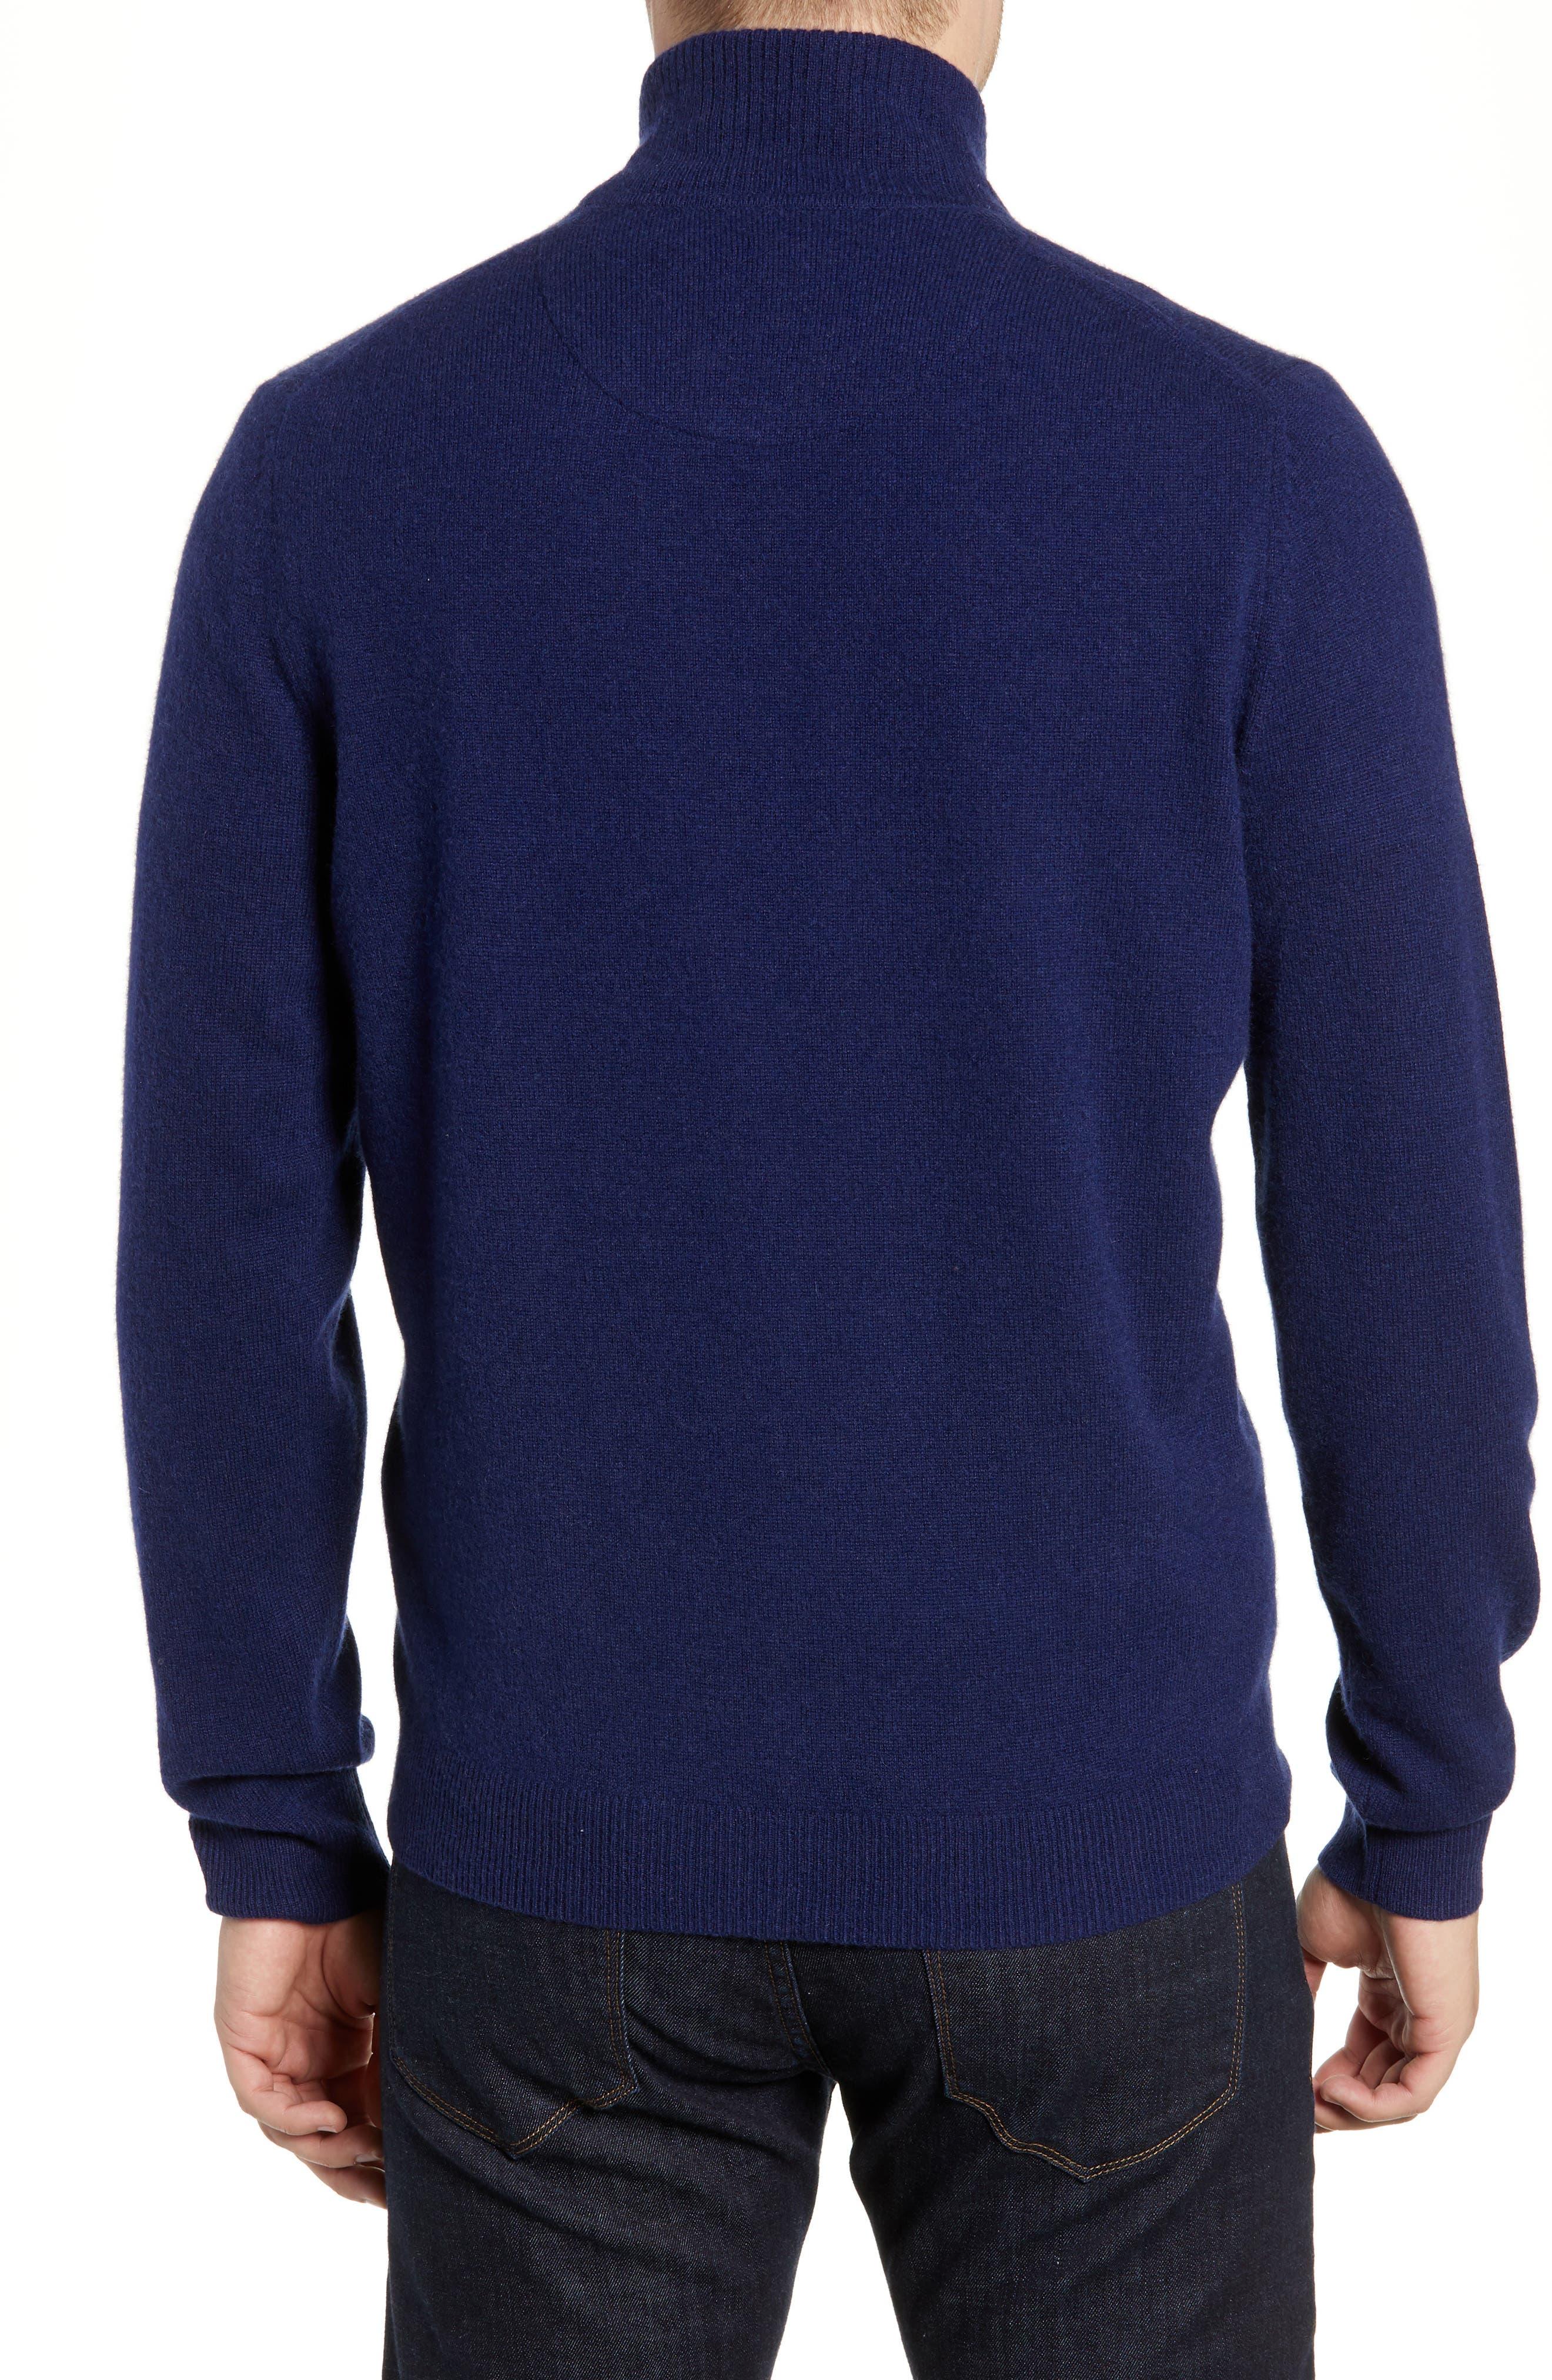 Cashmere Quarter Zip Sweater,                             Alternate thumbnail 2, color,                             410